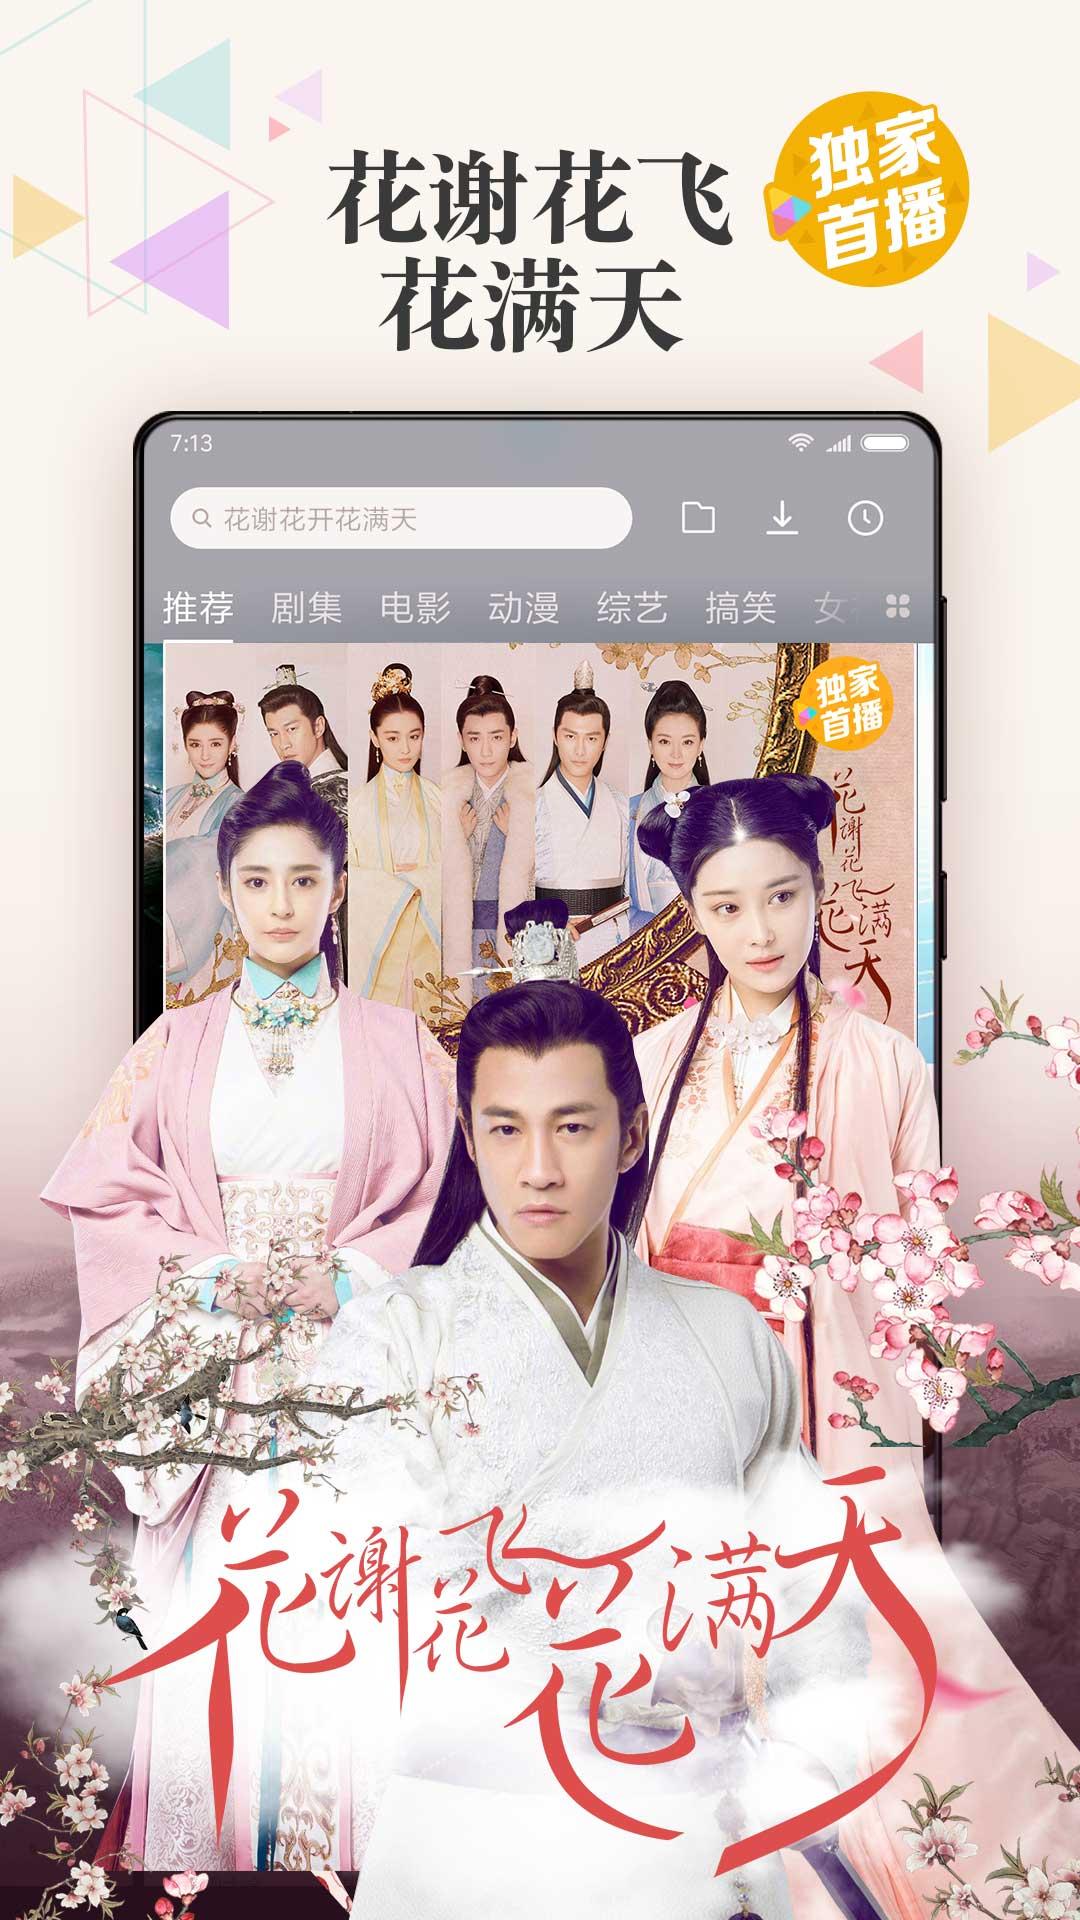 多多影院日韩宅男限制级电影资源V4.5.6 安卓版